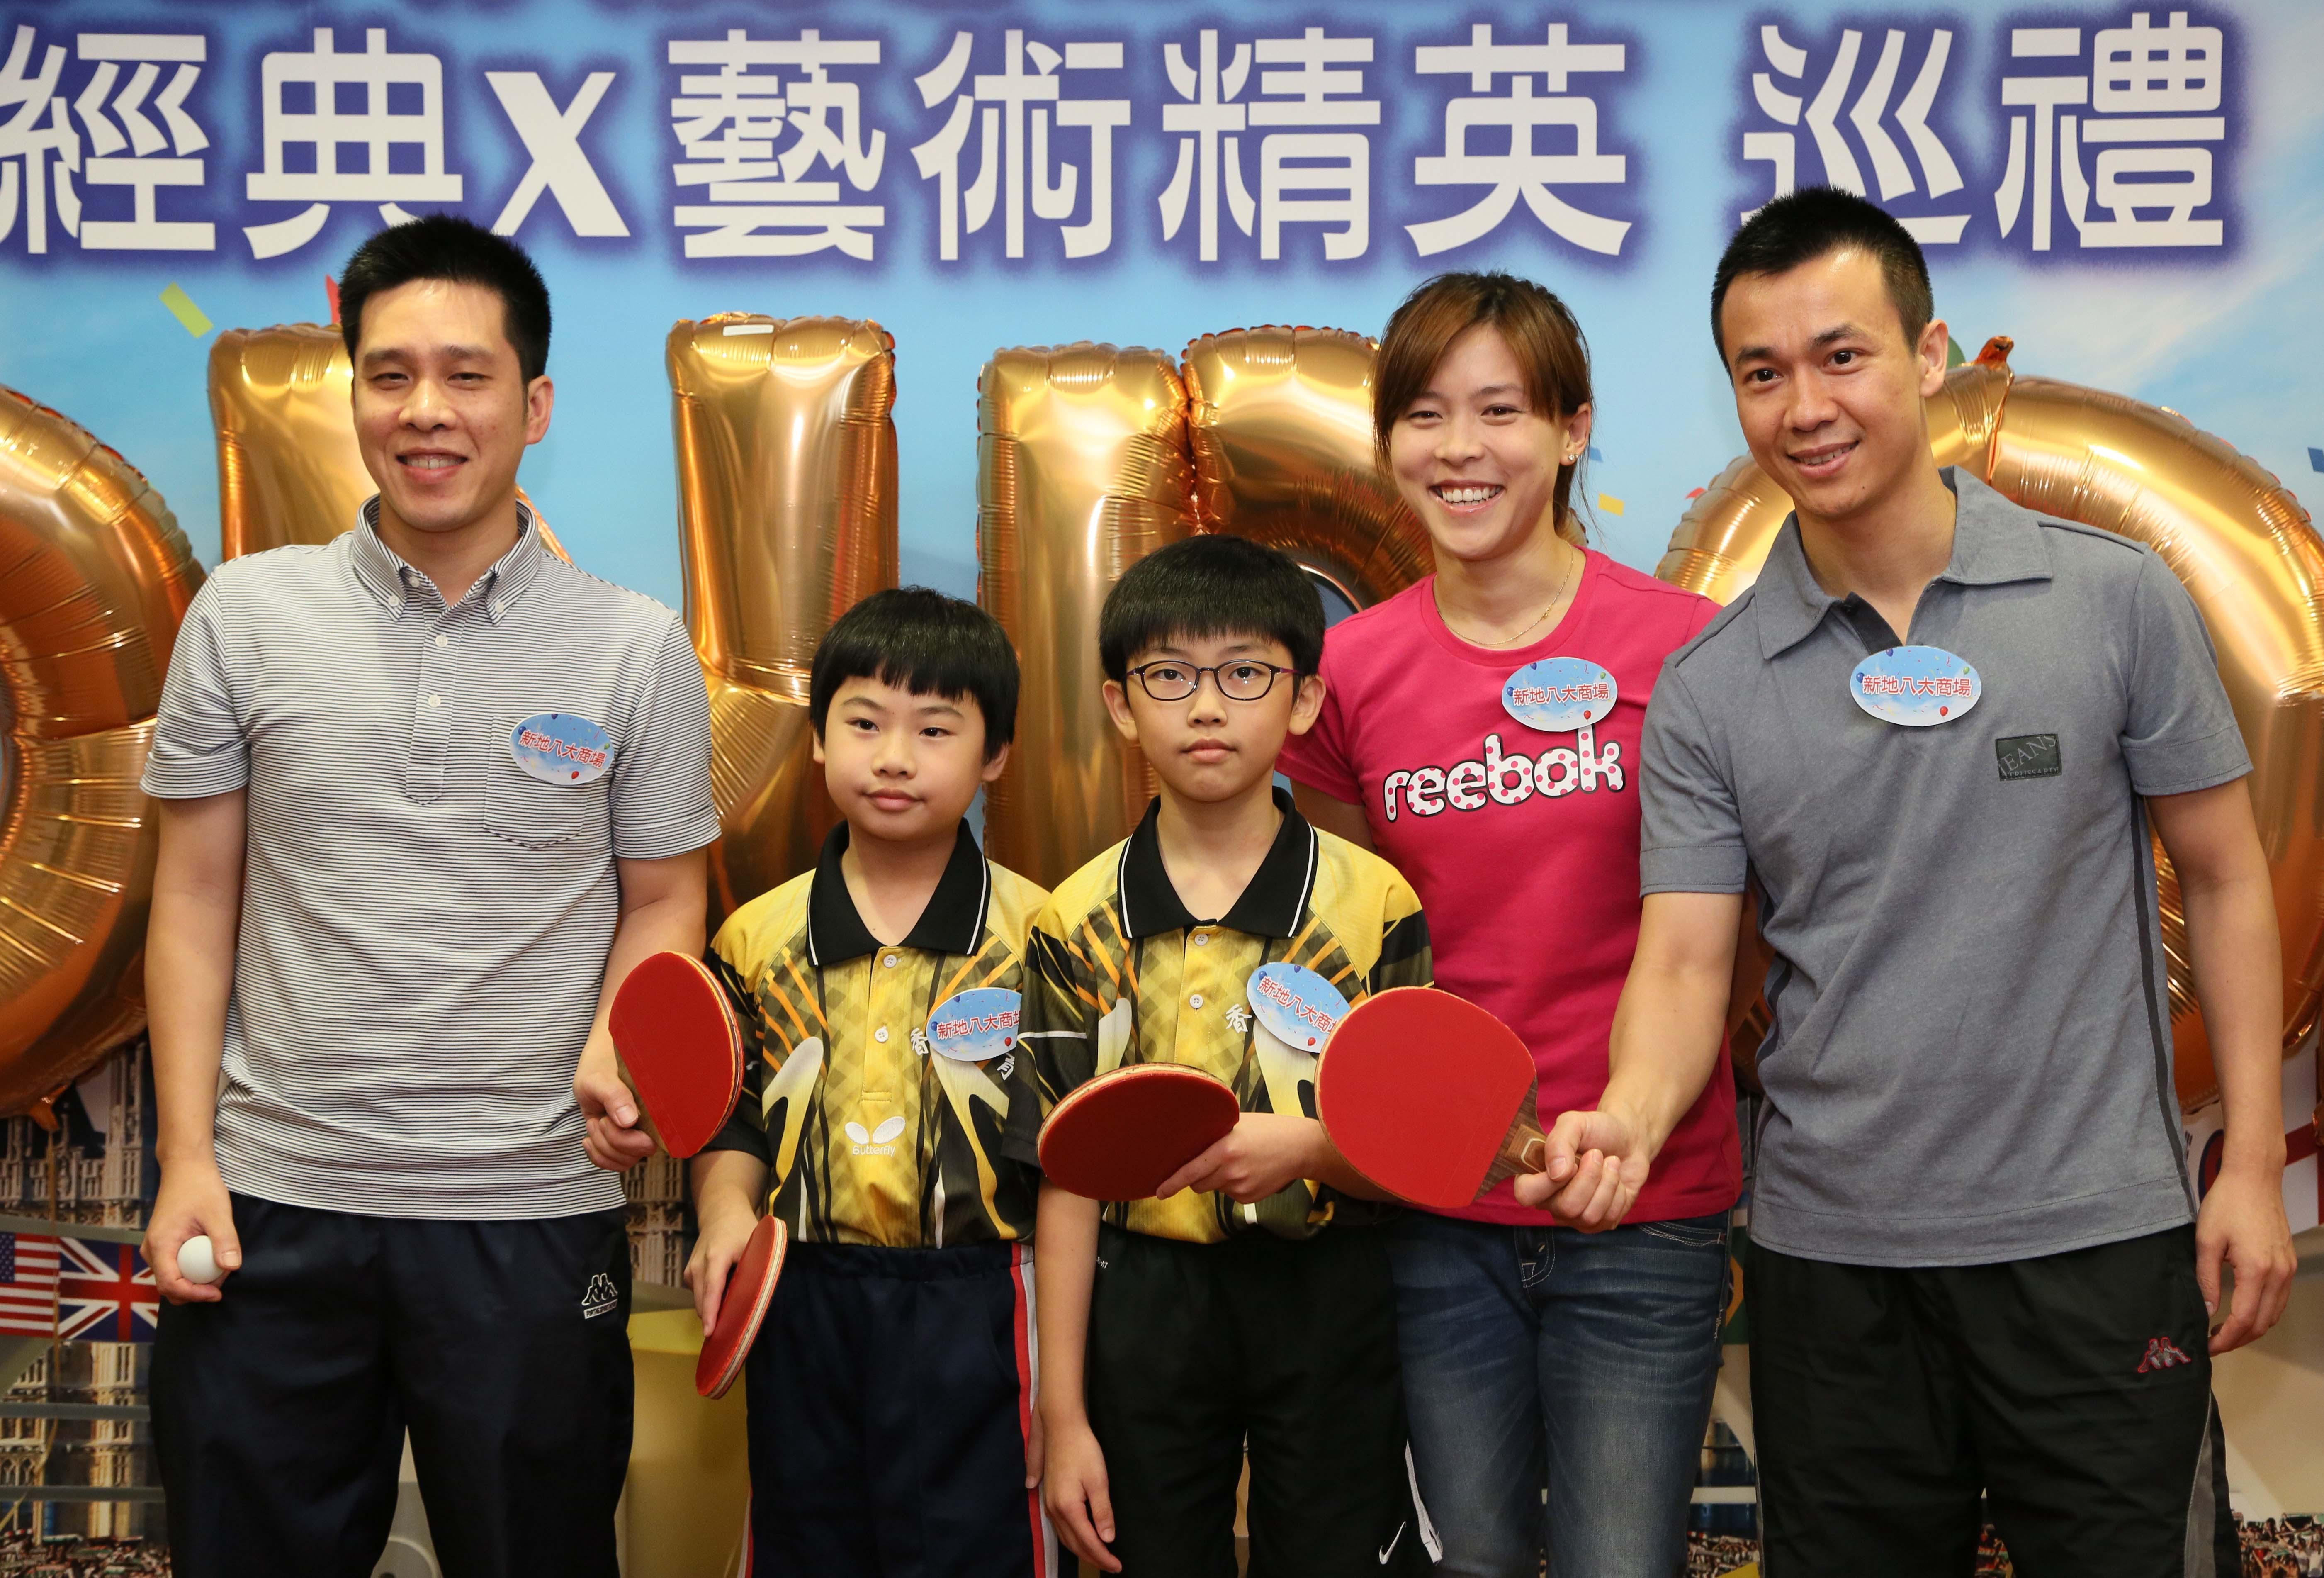 香港奧運孖寶、香港女飛魚-蔡曉慧小姐與本會同學一起拍照留念